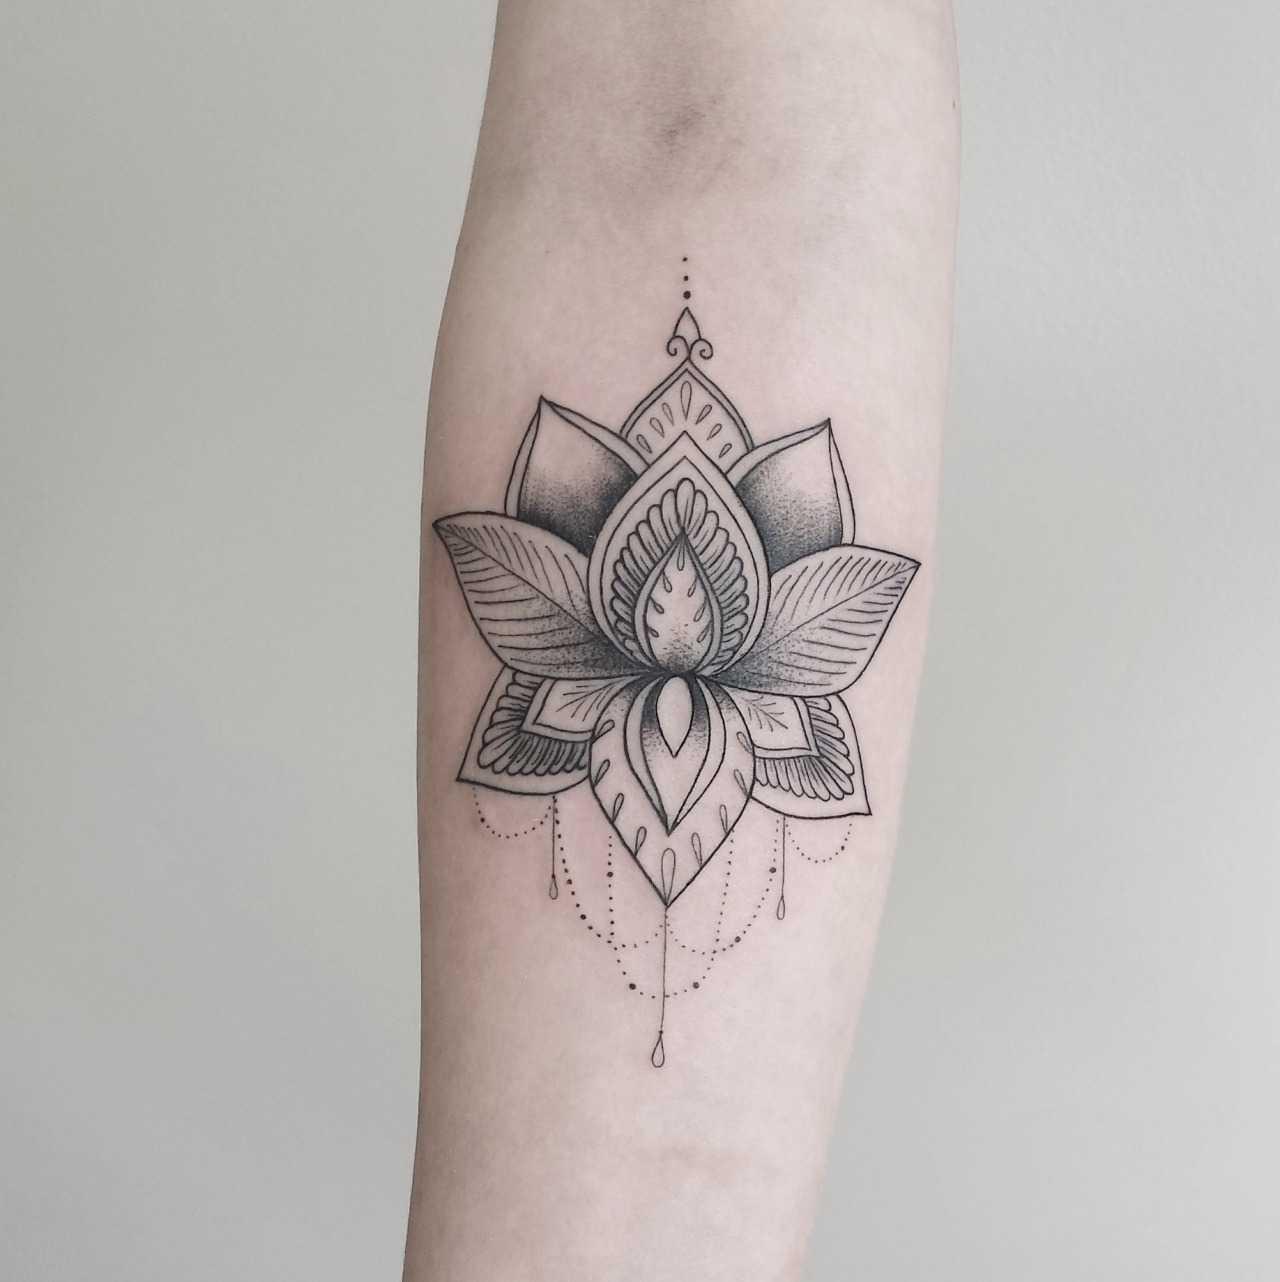 Dot-work Lotus tattoo by Zszywka Black